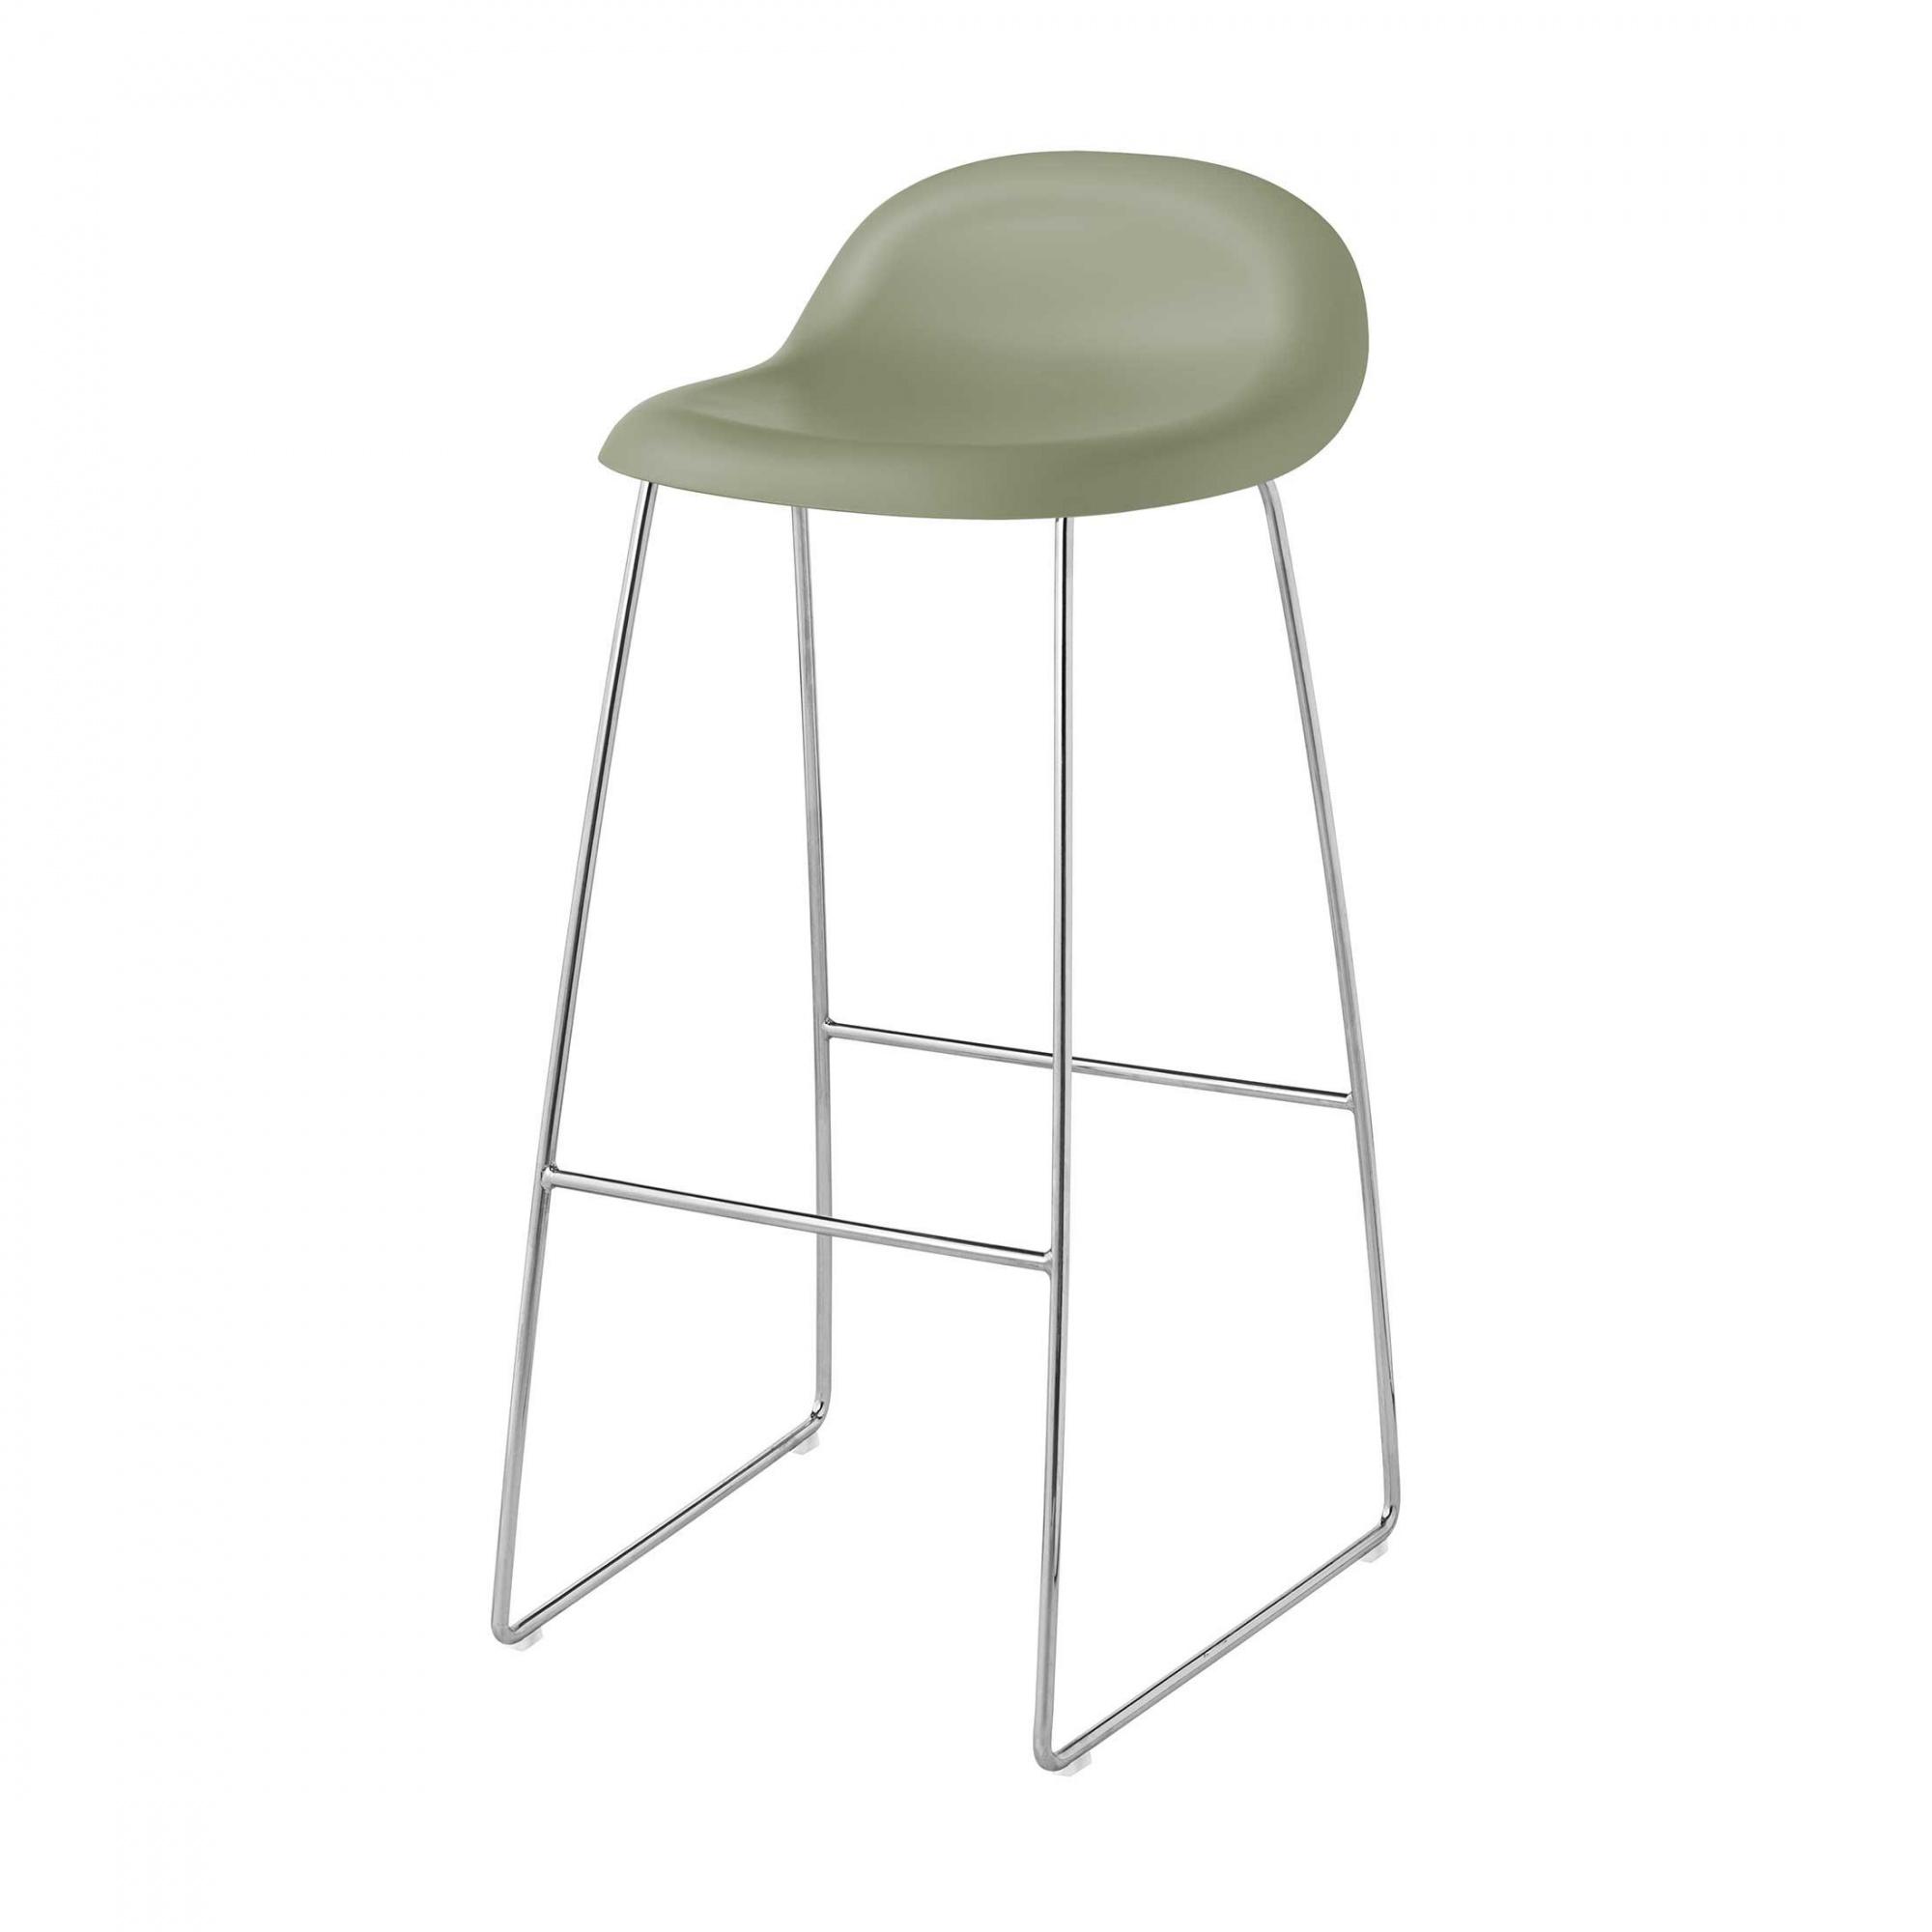 Gubi 3D Bar Stool Kufengestell Chrom - mistelgrün/Sitzfläche HiRek Kunststoff/BxHxT 44x88x45cm/Gestell Chrom/Kunststoffgleiter   Küche und Esszimmer > Bar-Möbel > Bars   Mistelgrün   Kunststoff  holz  chrom   Gubi